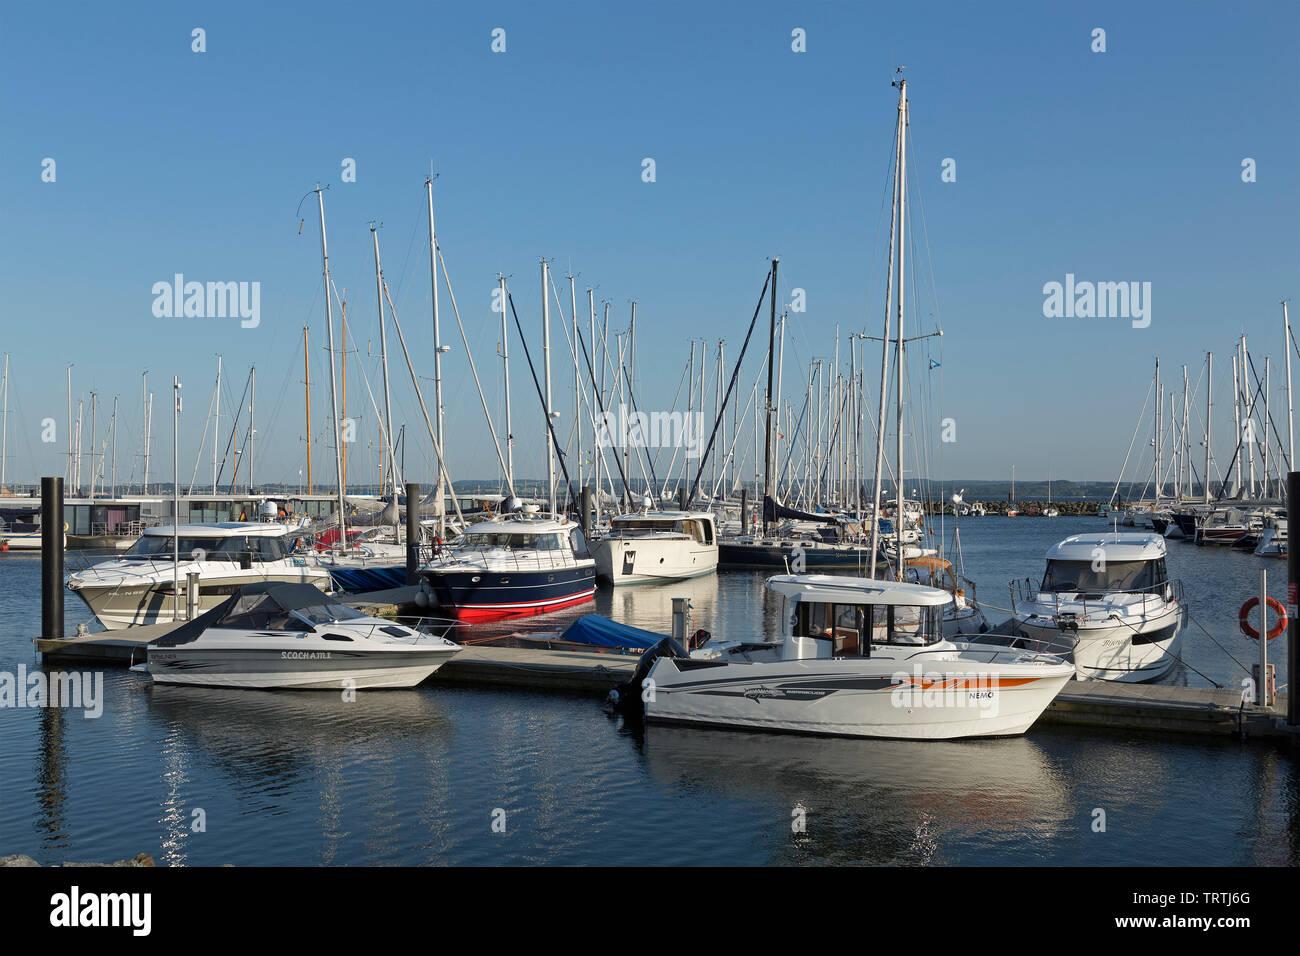 marina, Weisse Wiek, Boltenhagen, Mecklenburg-West Pomerania, Germany - Stock Image